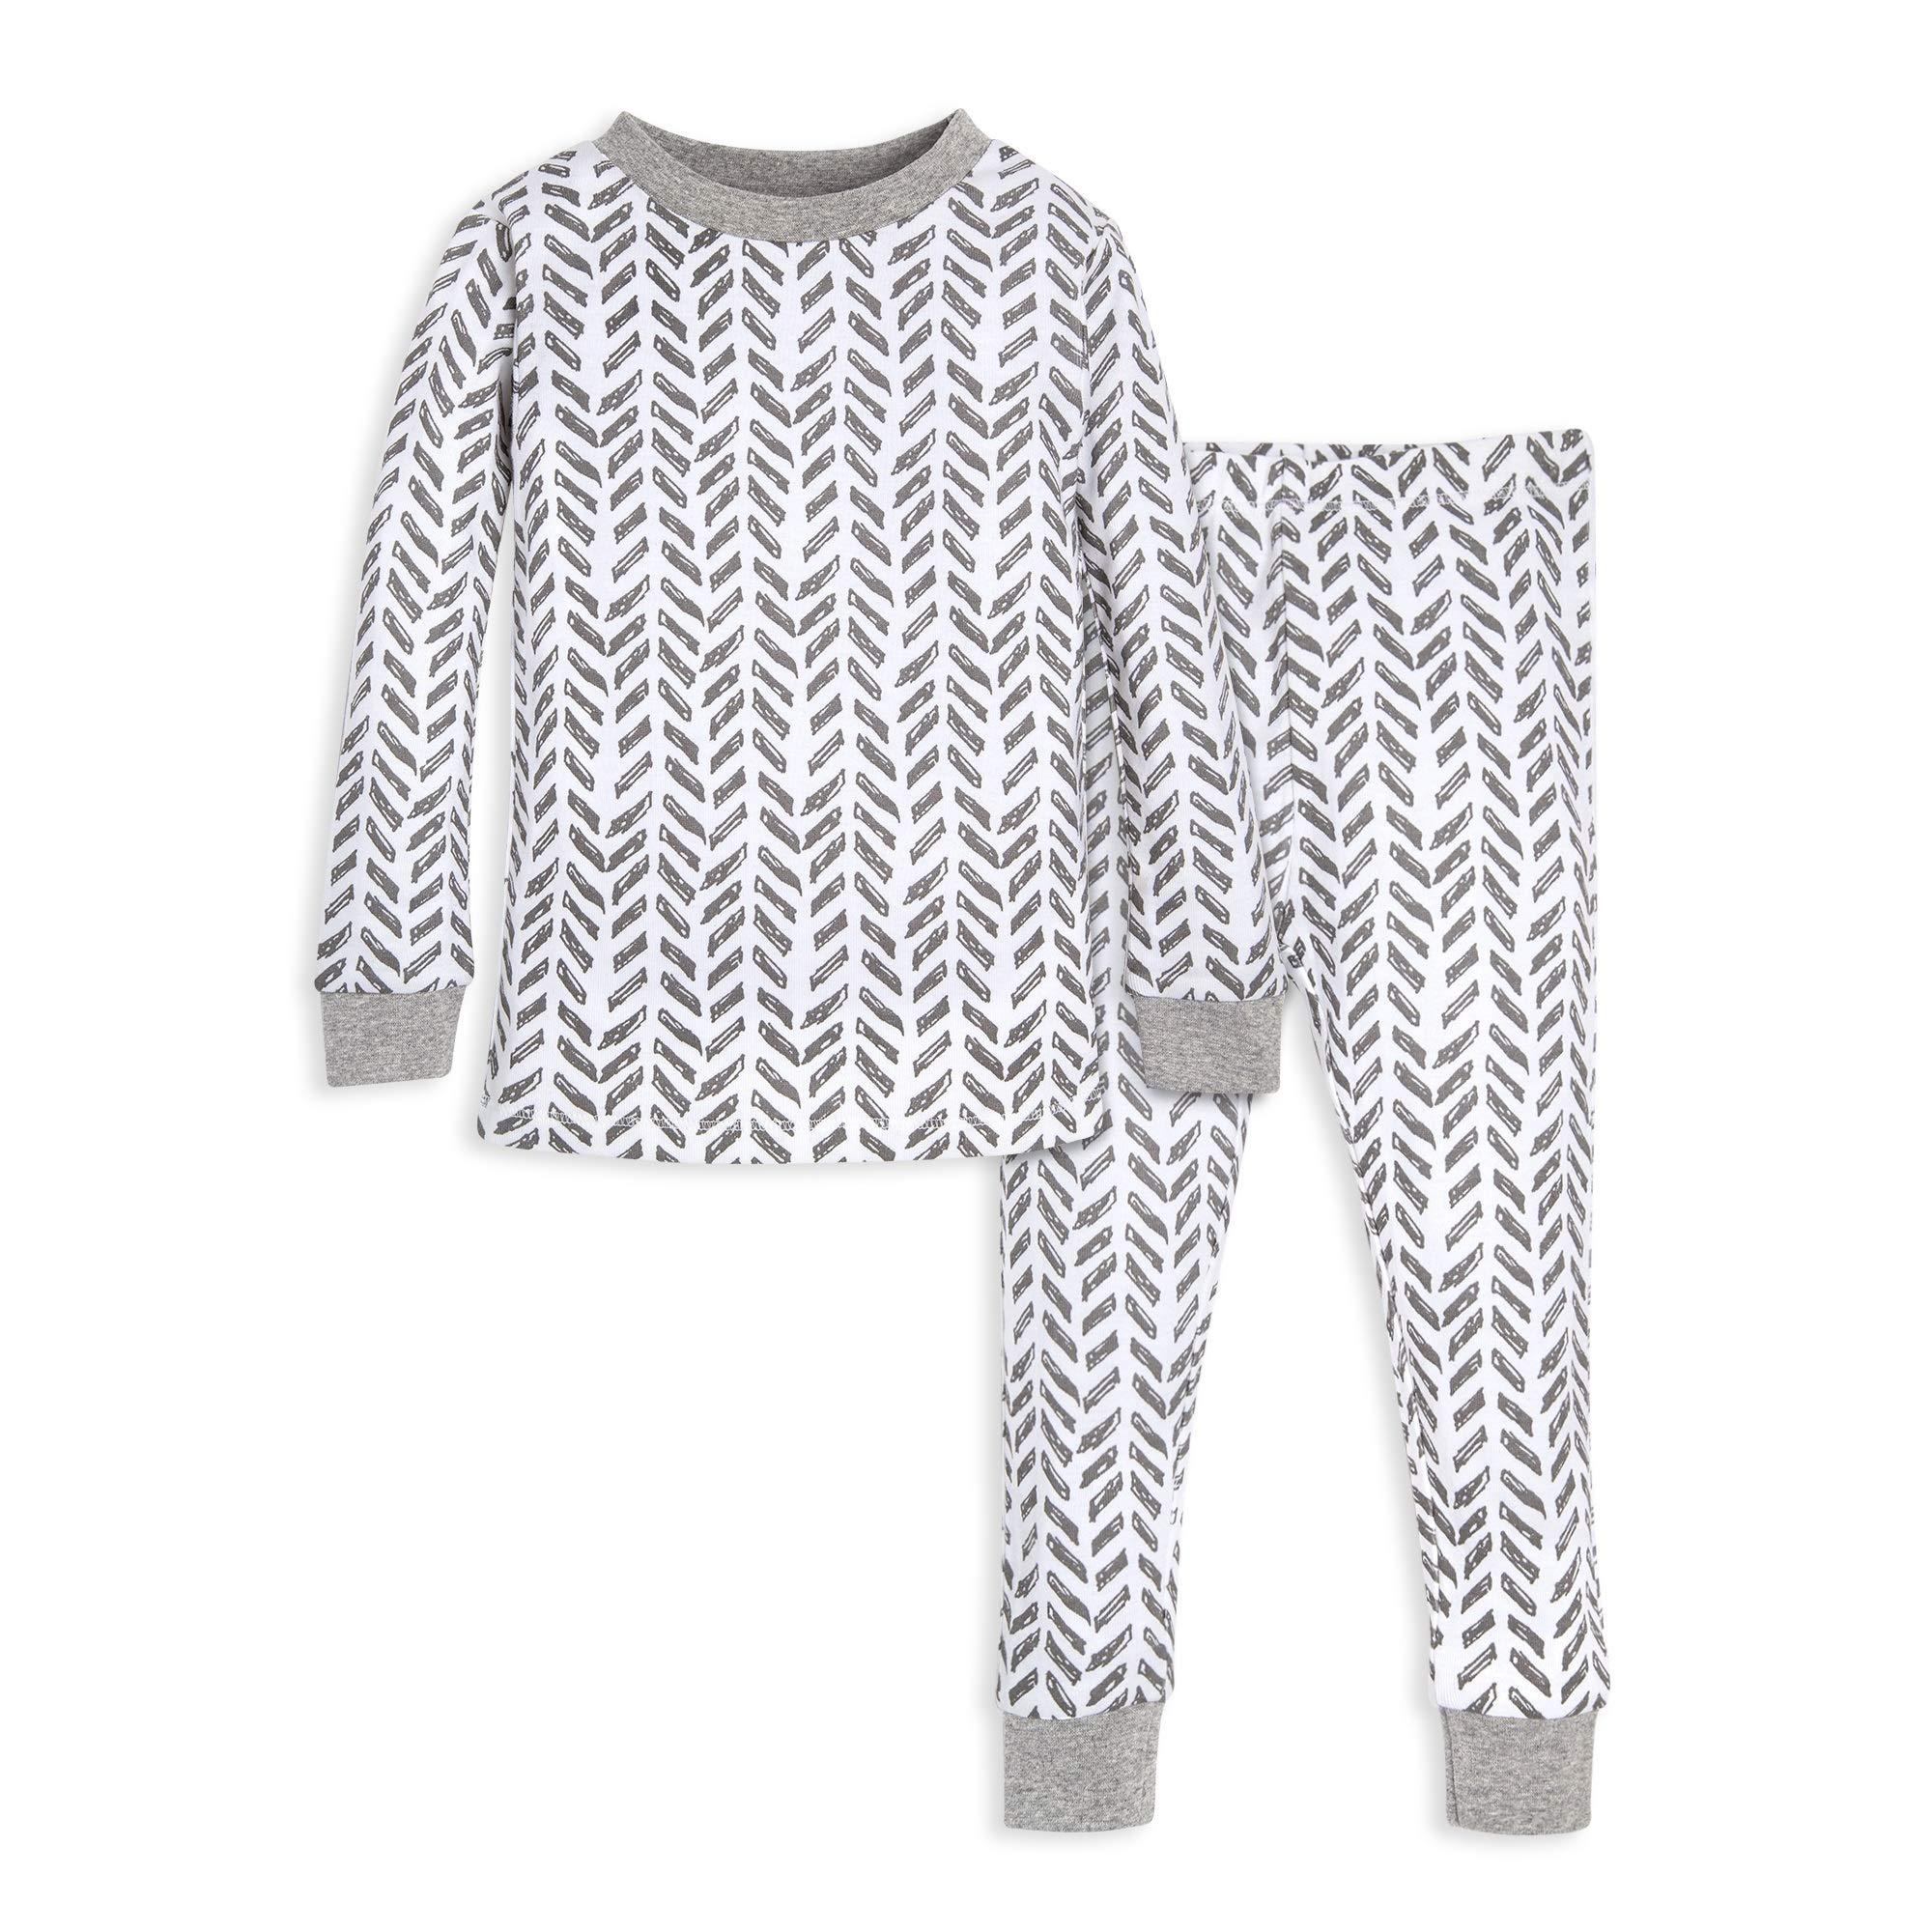 Burt's Bees Baby Baby Pajamas, Tee and Pant 2-Piece